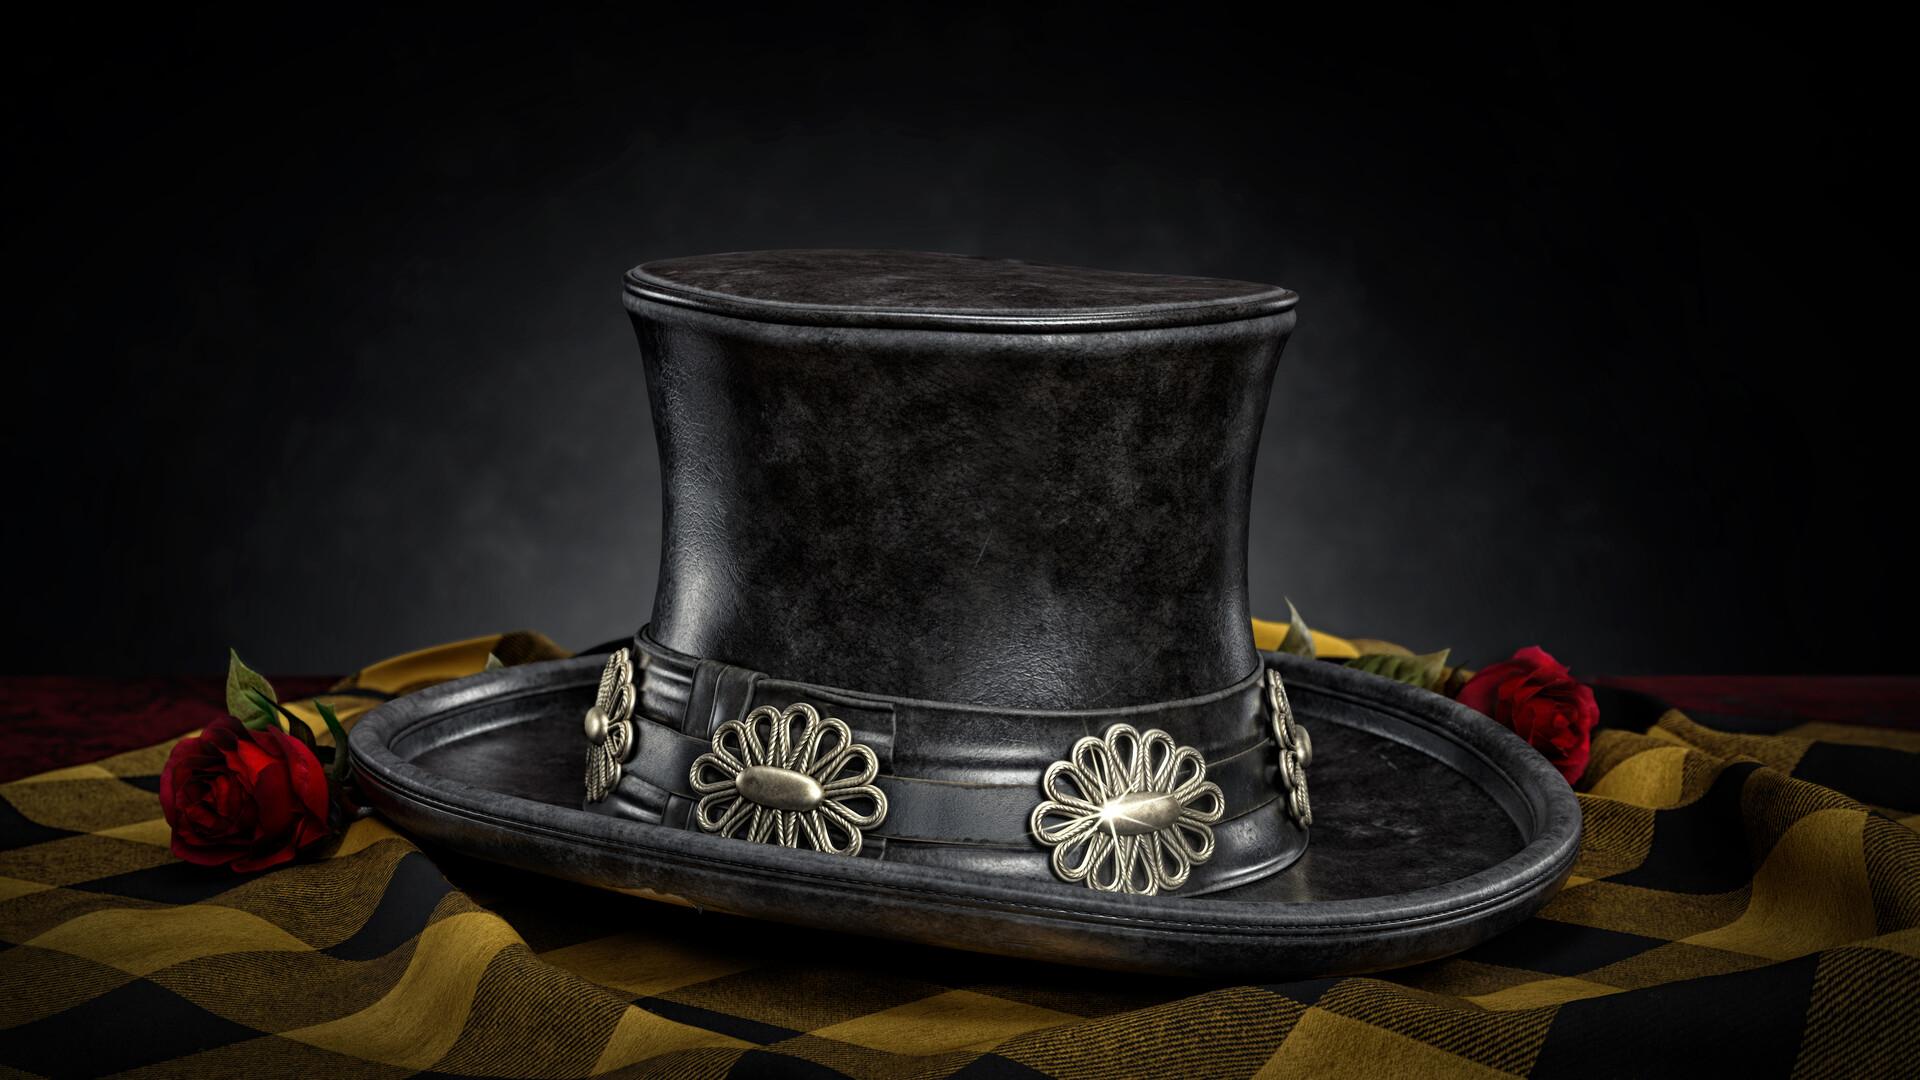 ArtStation - Slash's Top Hat, Jakub Ludwiczak